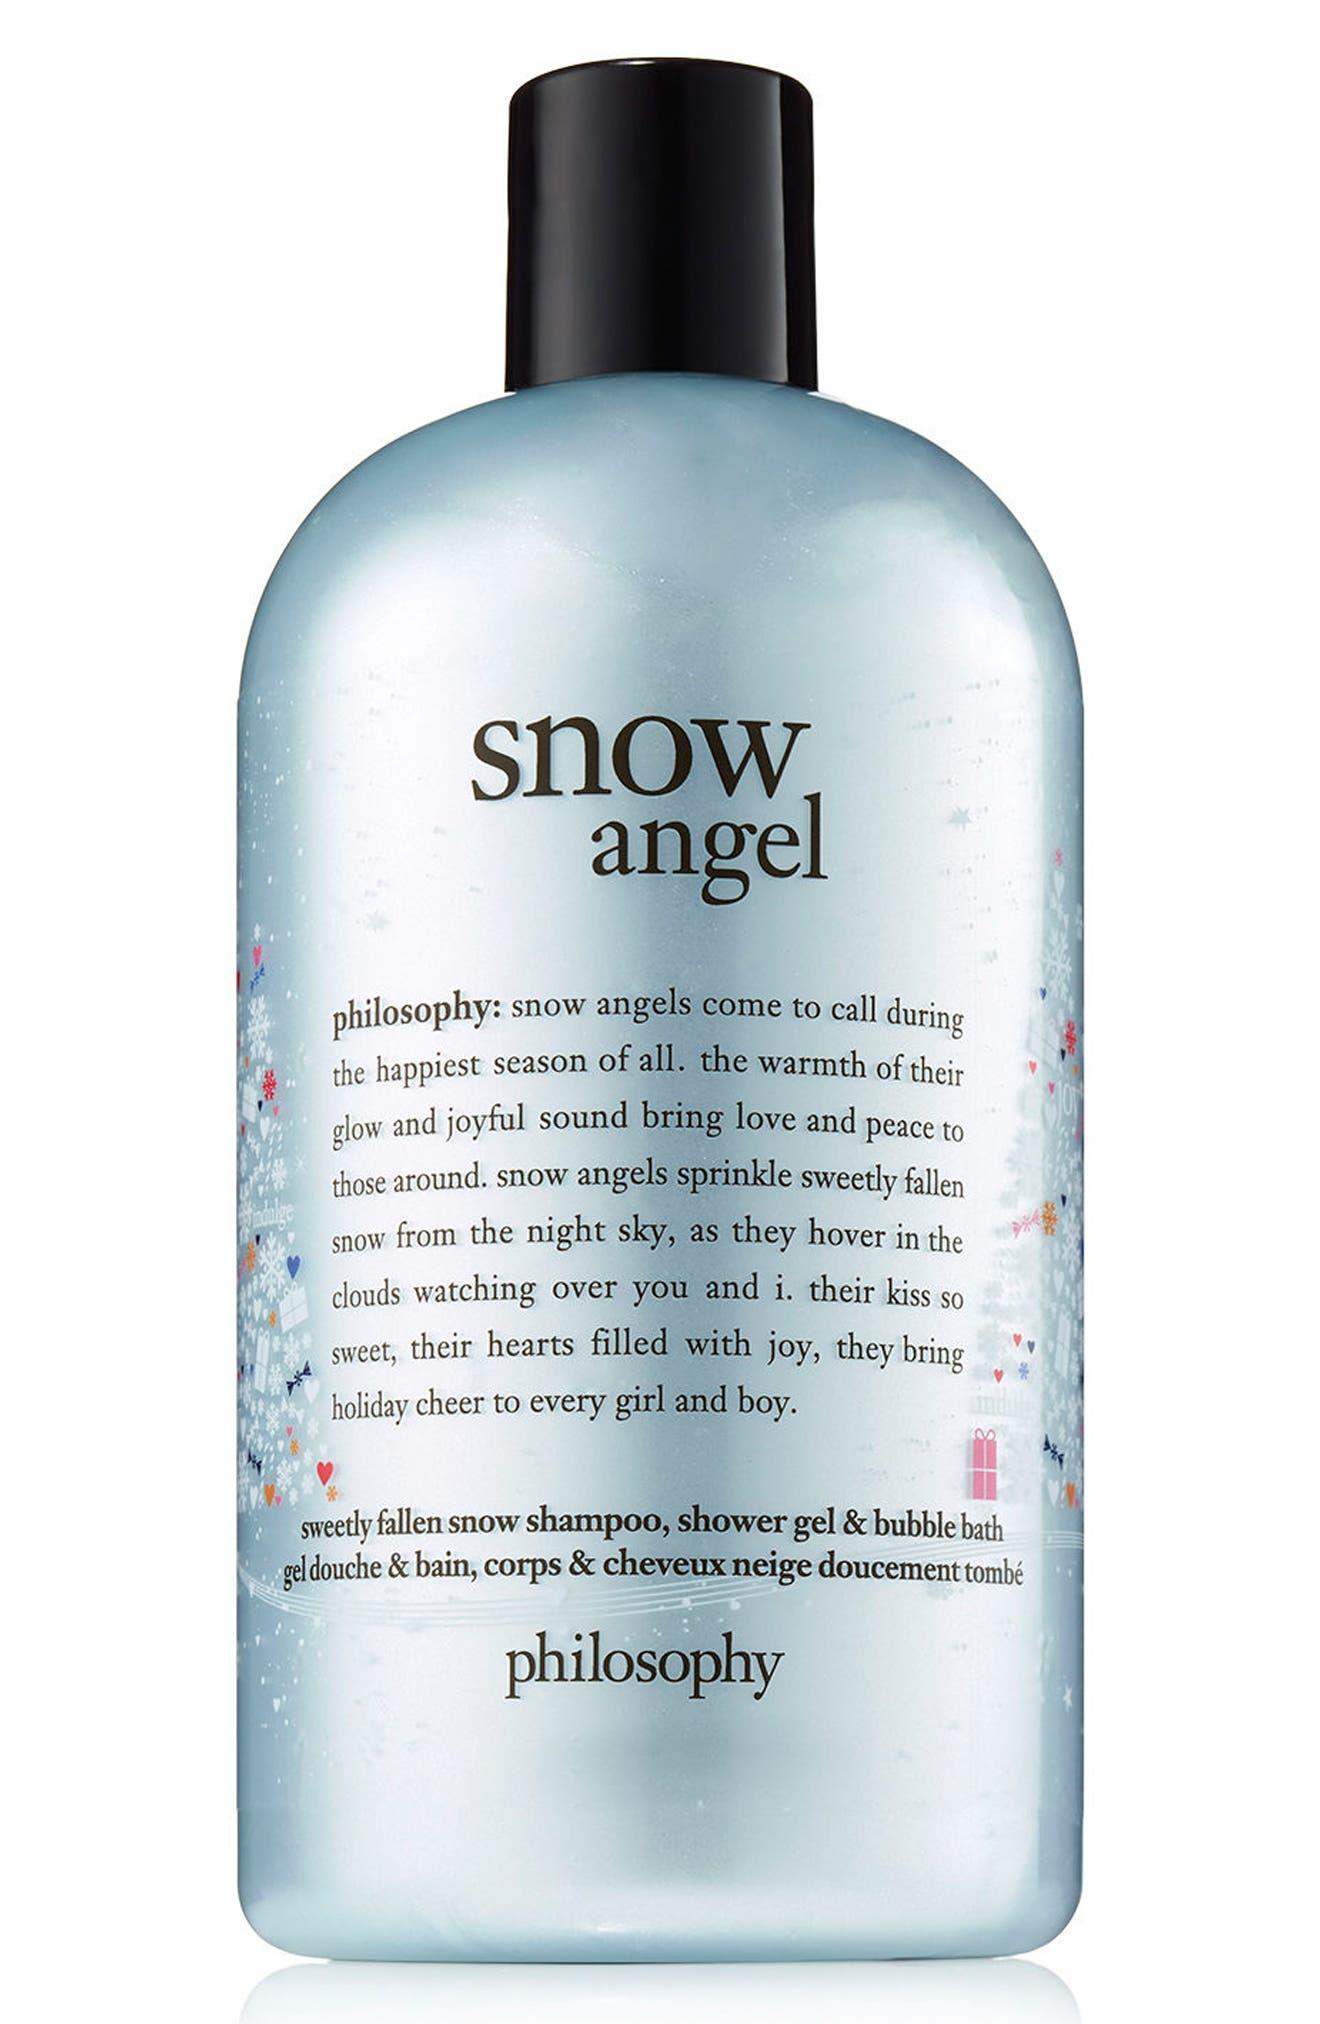 philosophy snow angel shampoo, shower gel & bubble bath (Limited Edition)